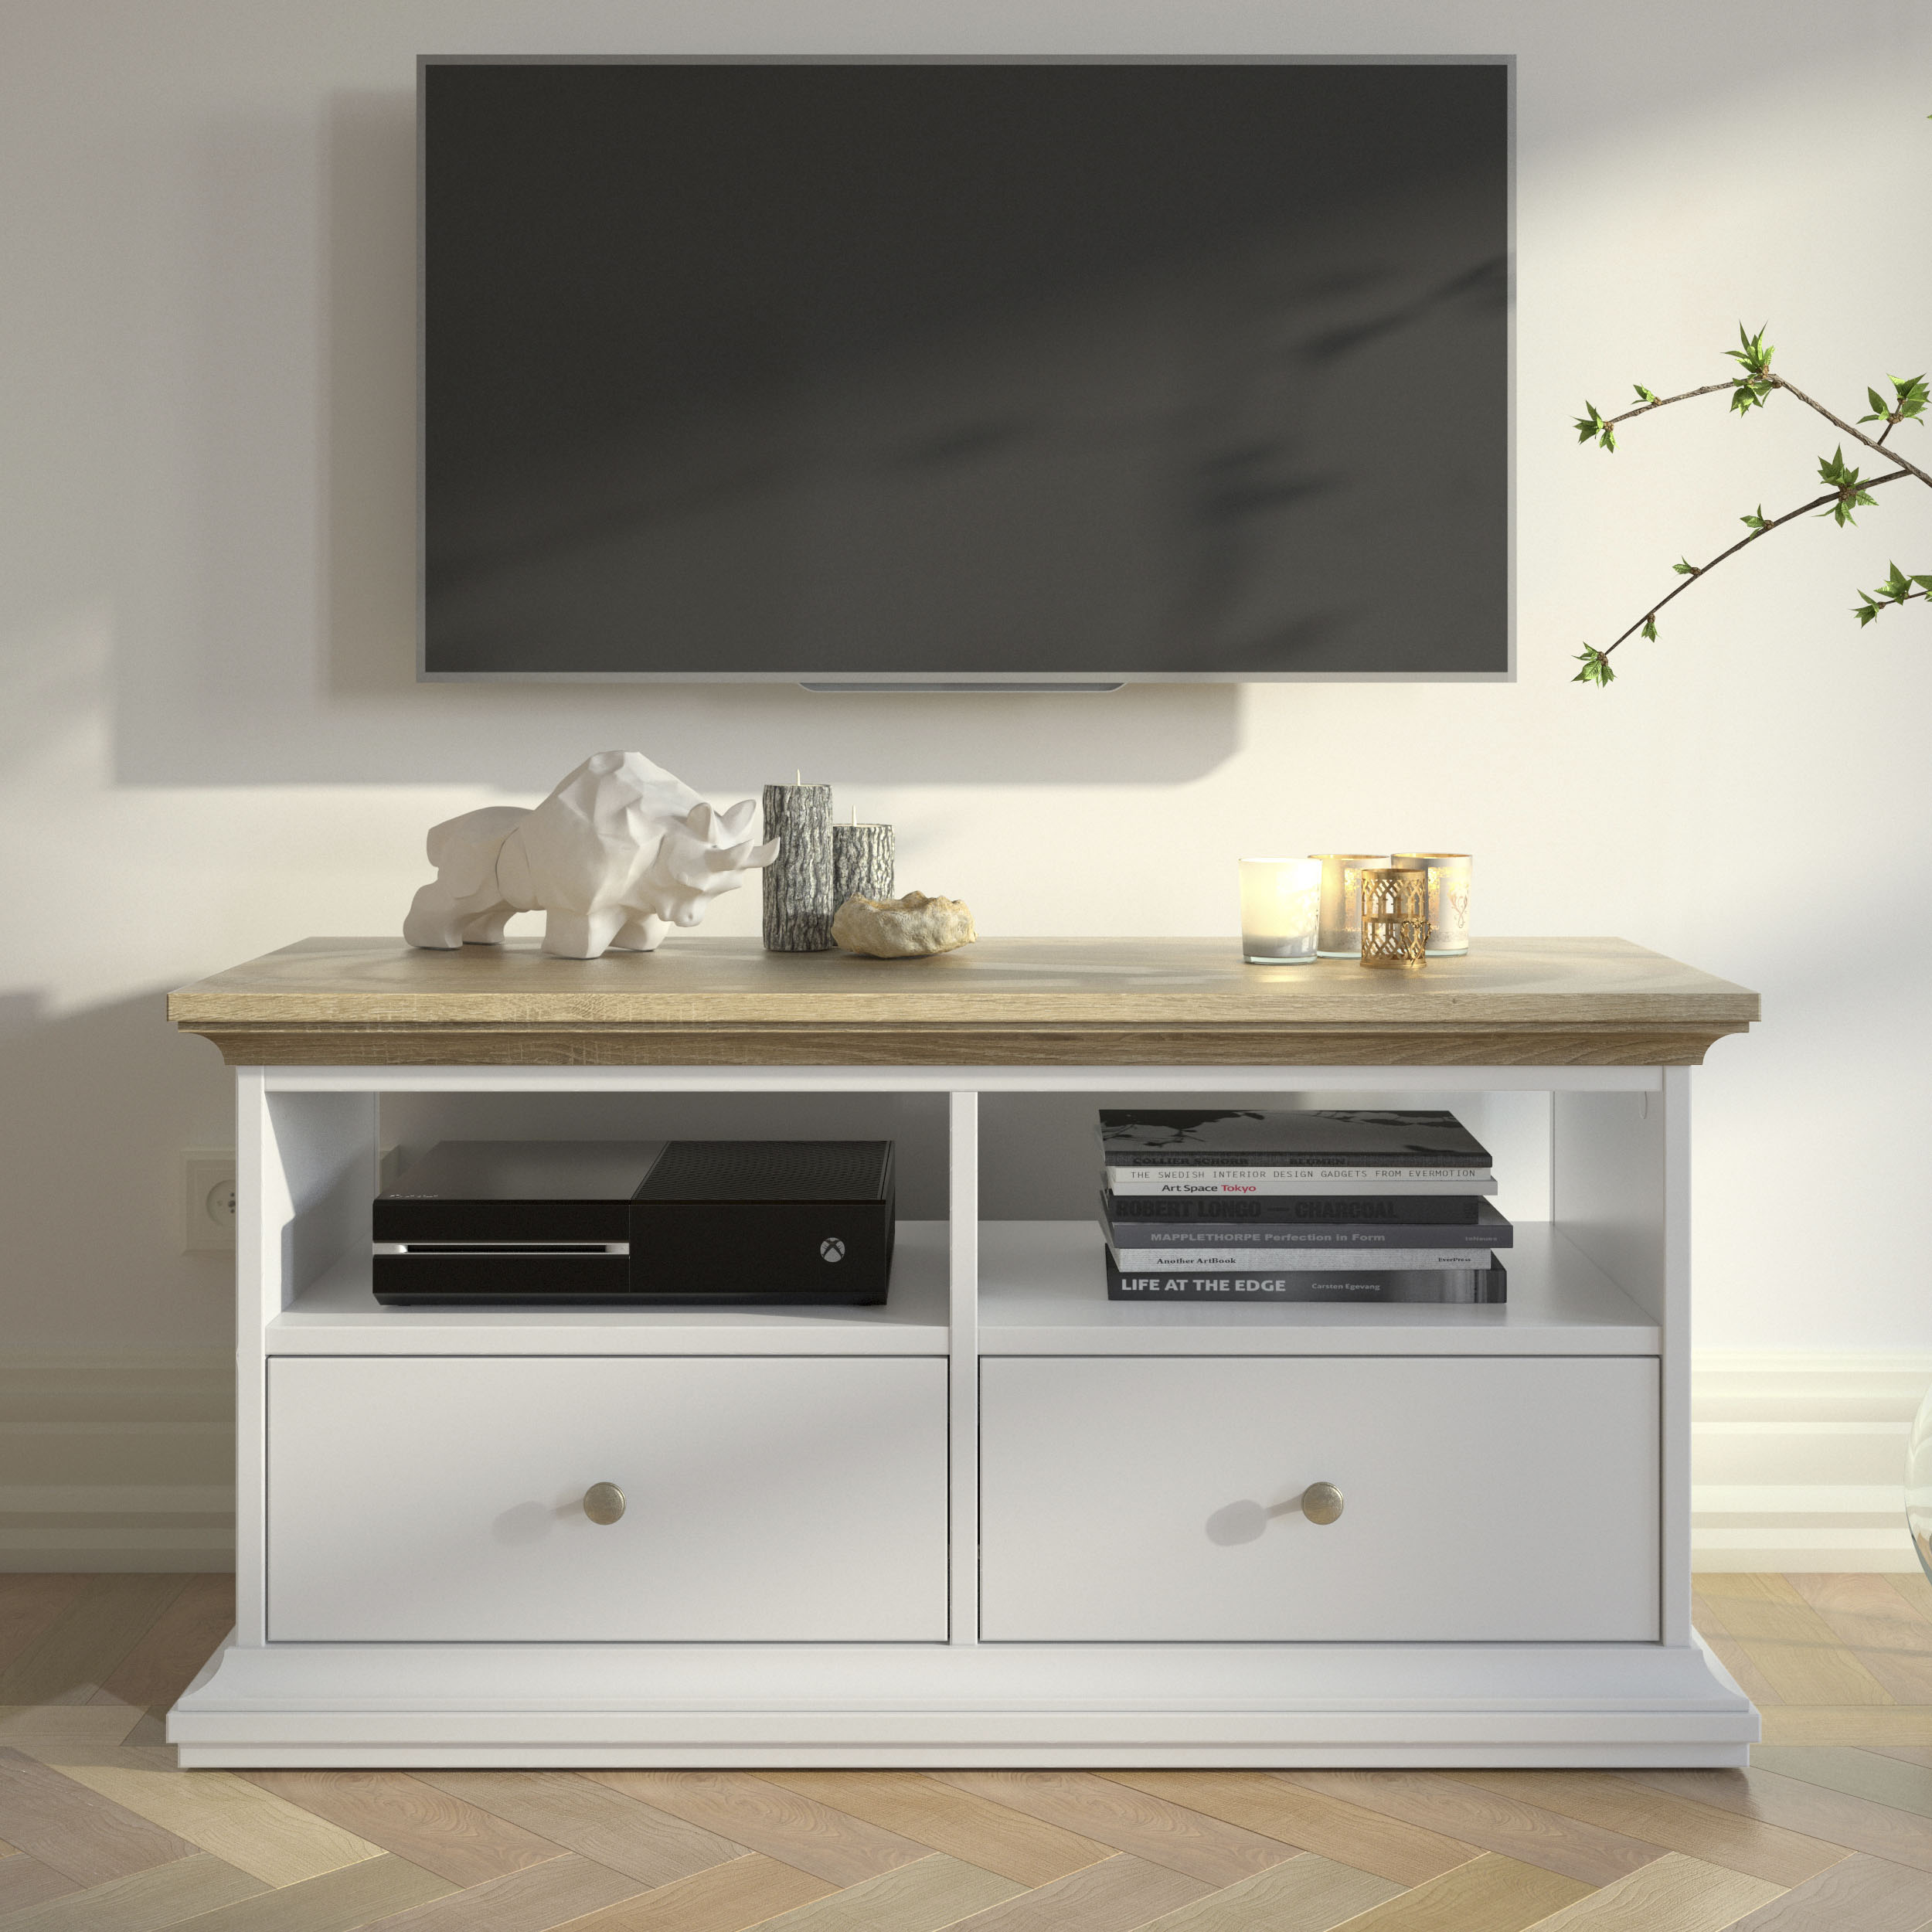 Home affaire TV-Board Paris